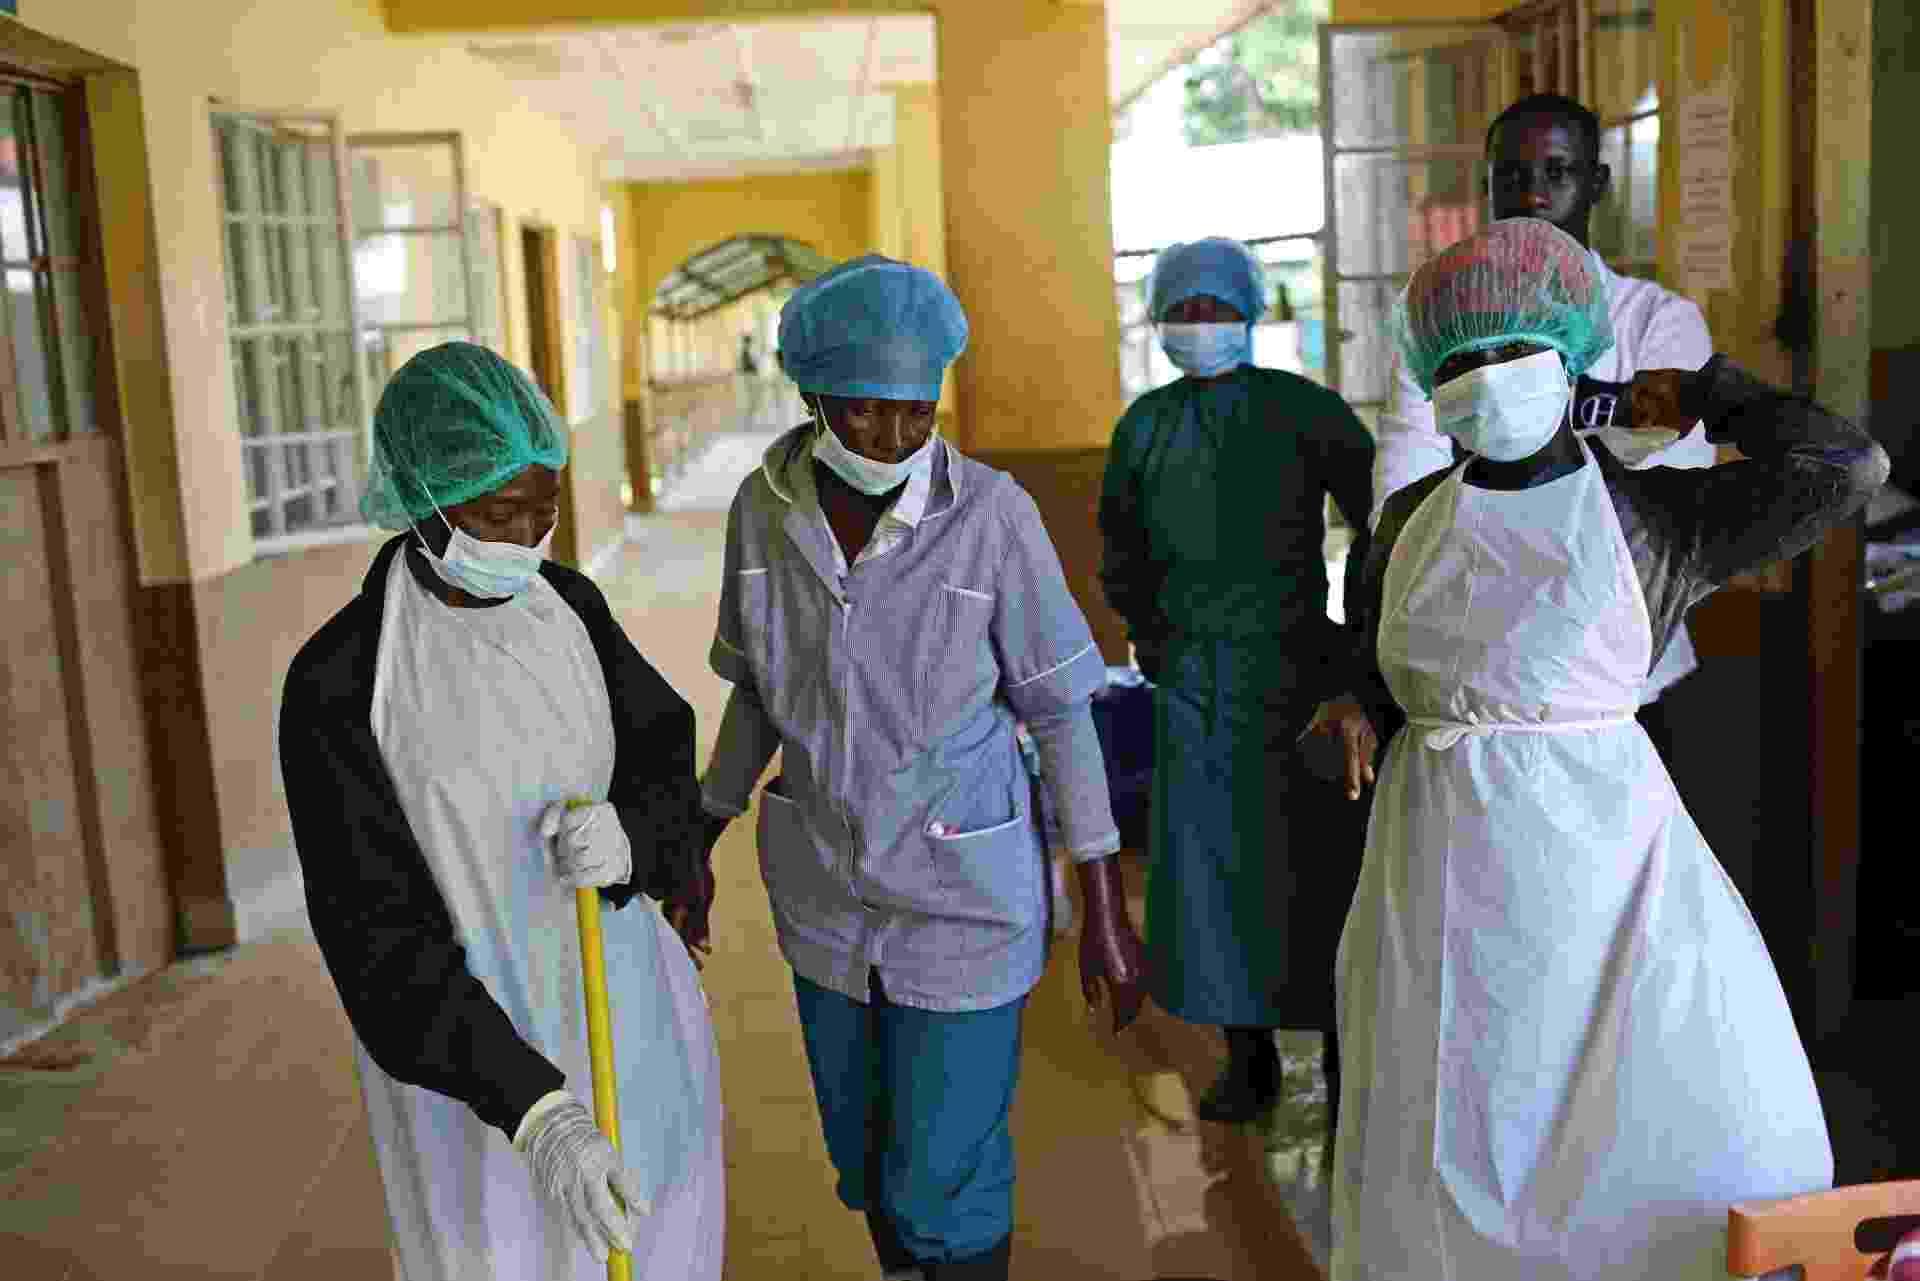 1.out.2014 - Funcionários do Hospital Regional de Makeni se reúnem durante o trabalho. A epidemia e o constante fluxo de corpos para o hospital tem afligido os funcionários do local, muitos deles pouco treinados ou protegidos - Samuel Aranda/The New York Times